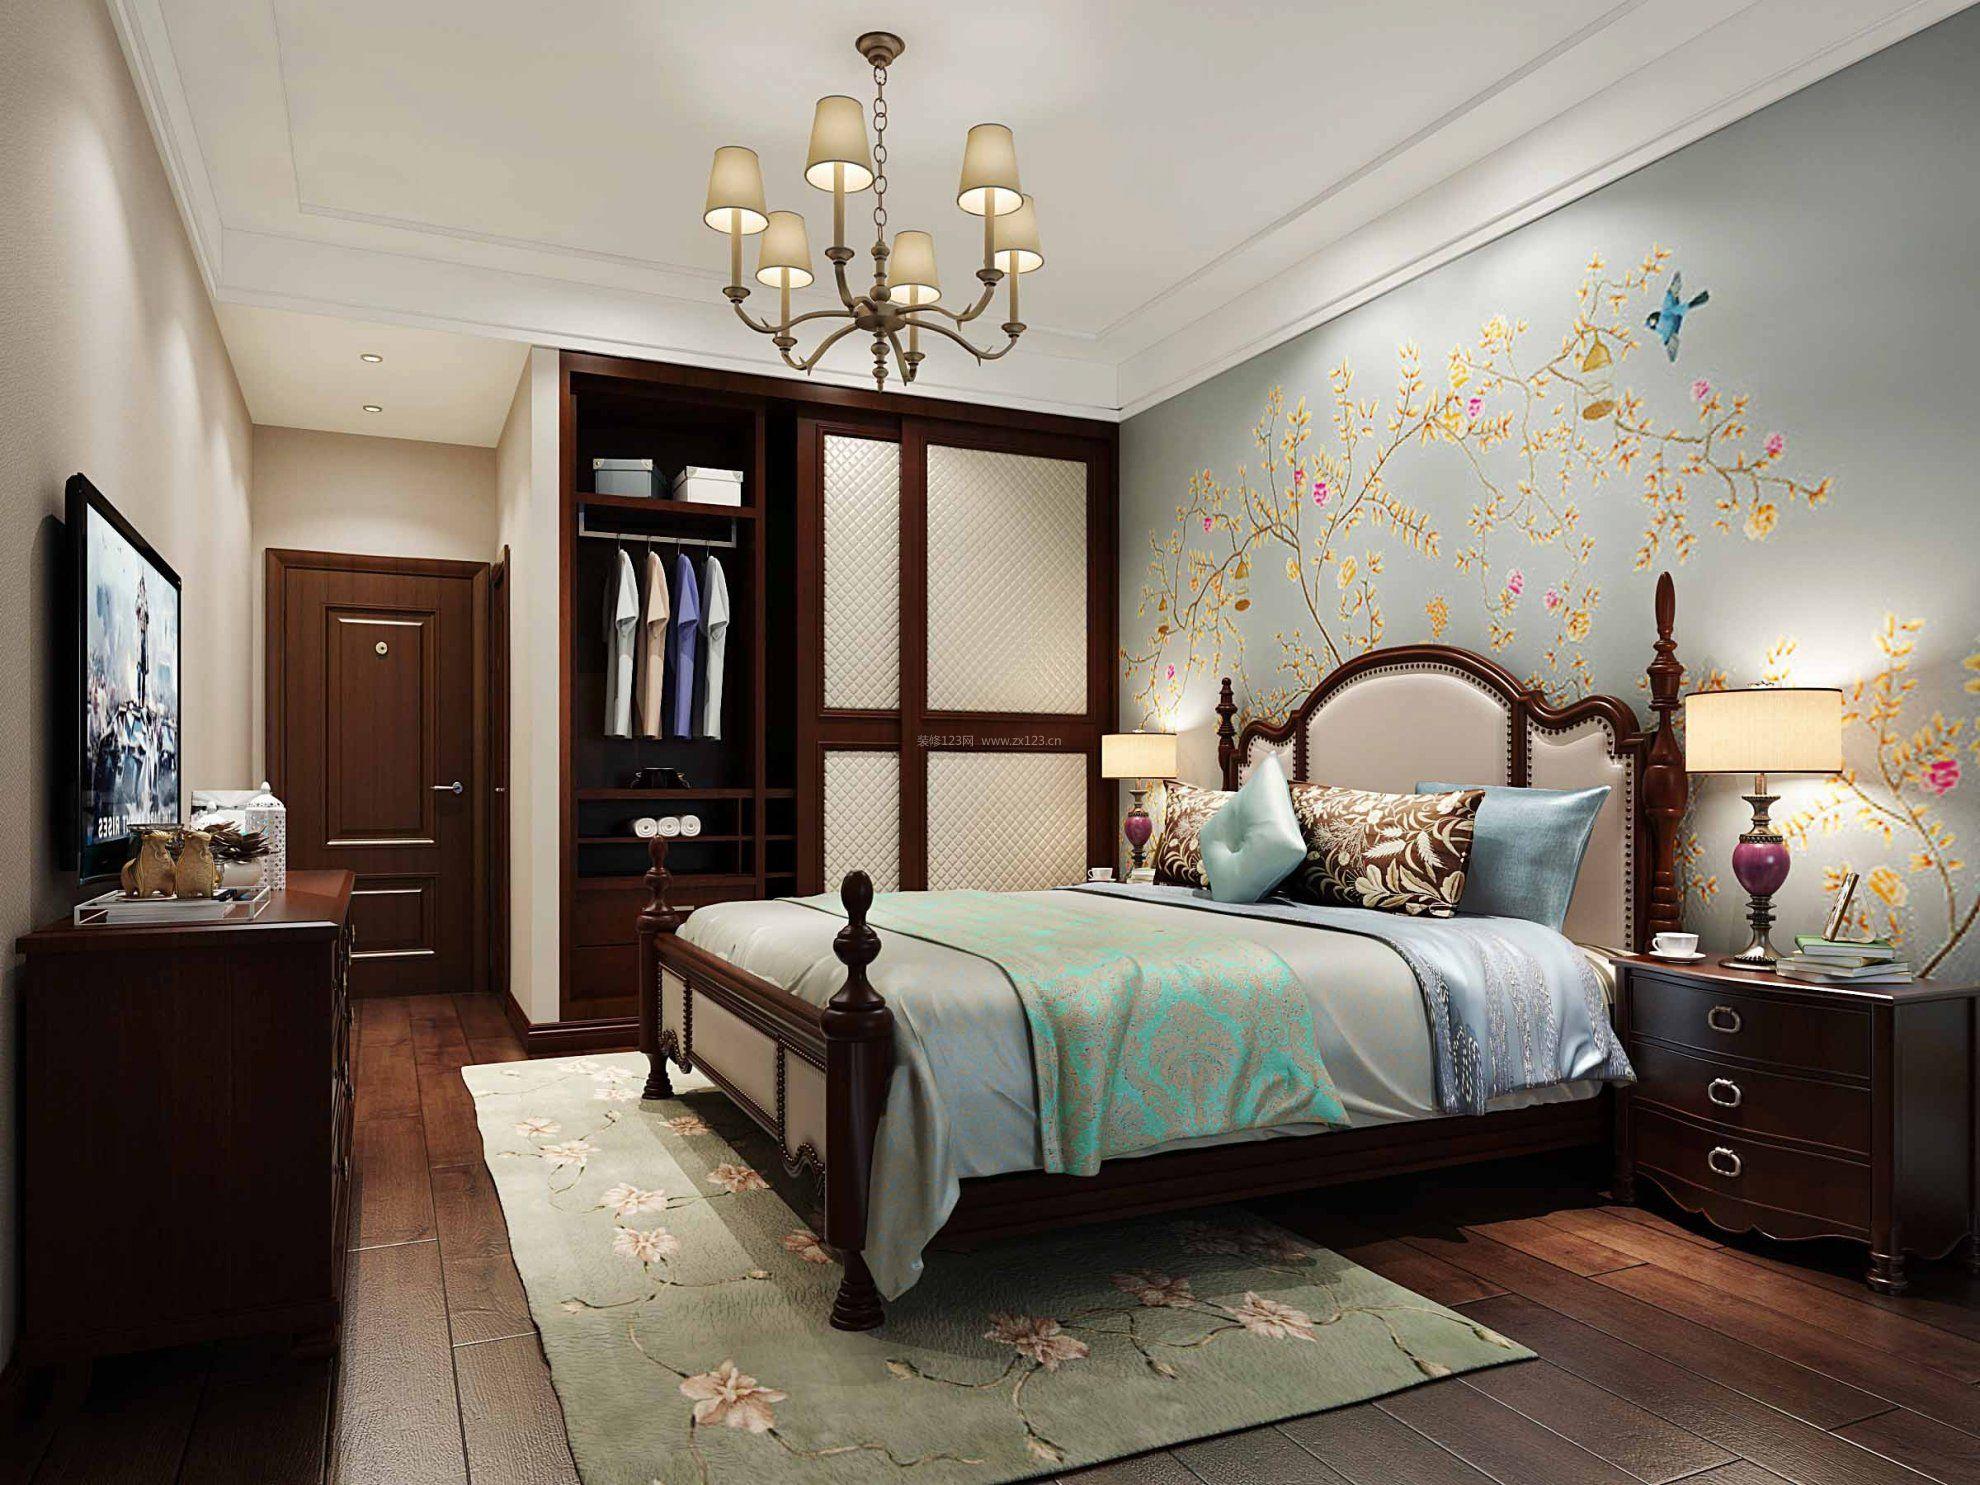 2017豪华美式卧室彩绘壁纸效果图片